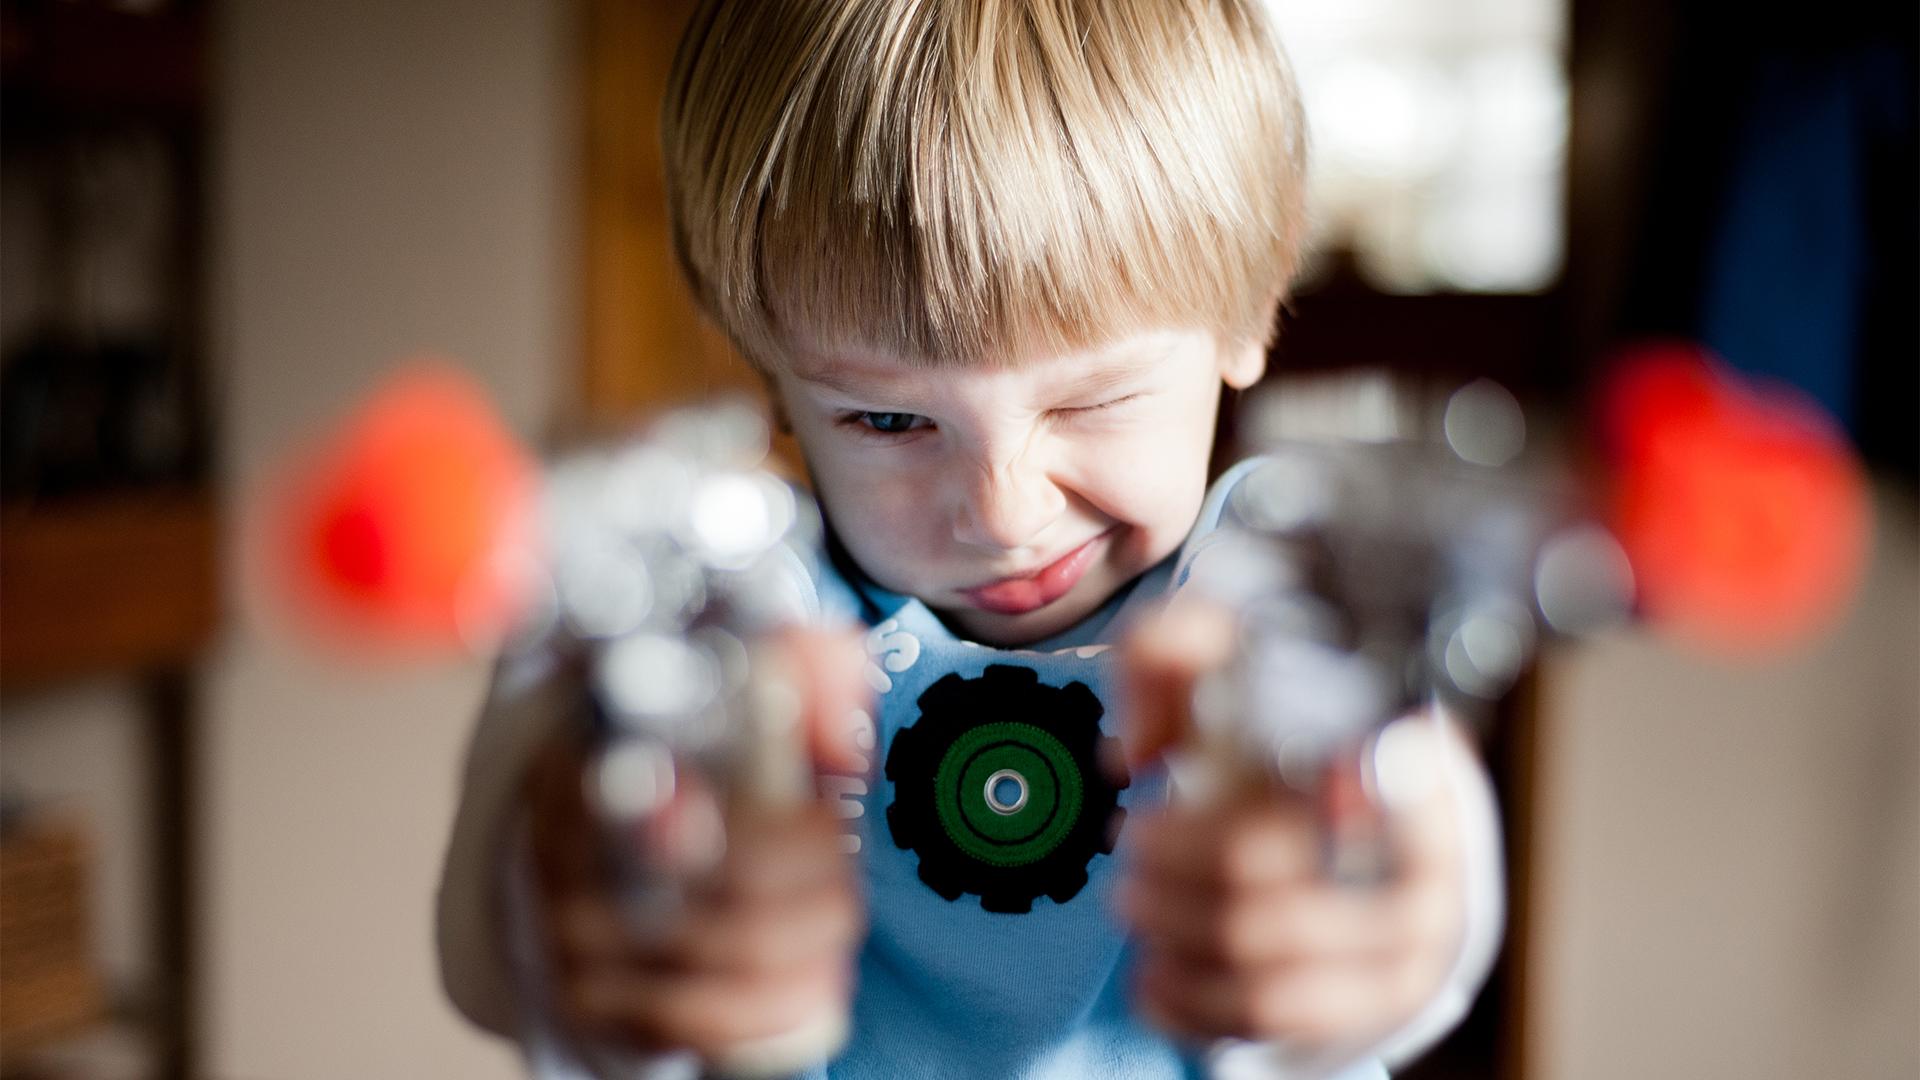 LEGO játékra hasonlító fegyver okozott botrányt az Egyesült Államokban